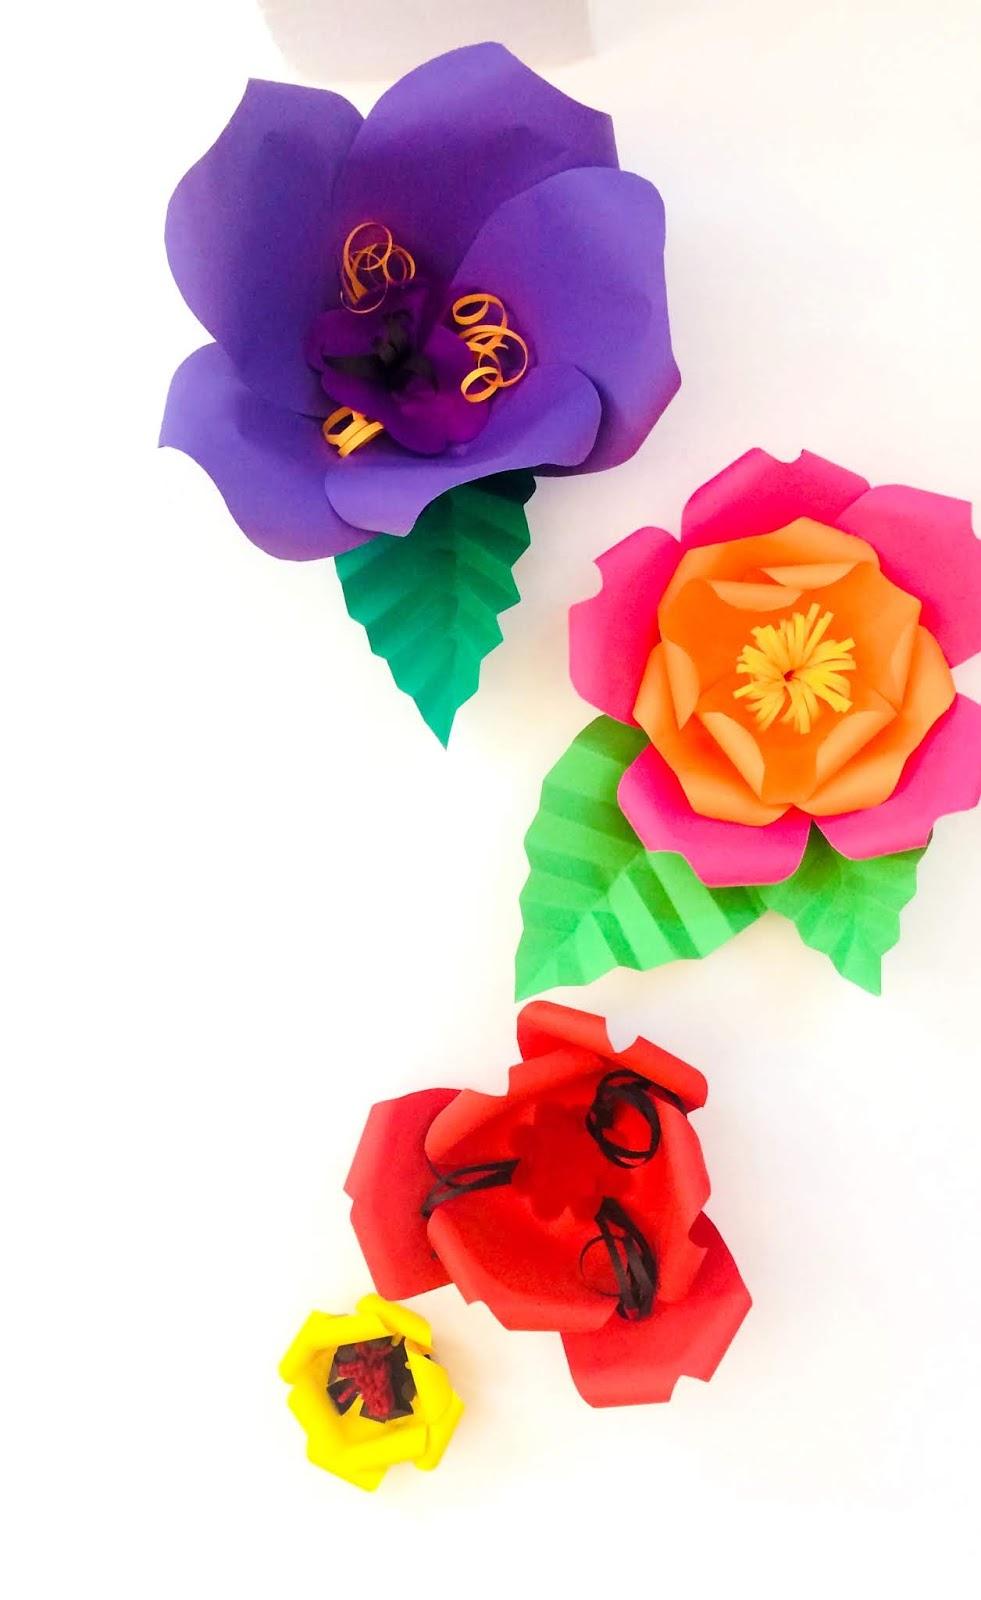 Flori mari pentru decor